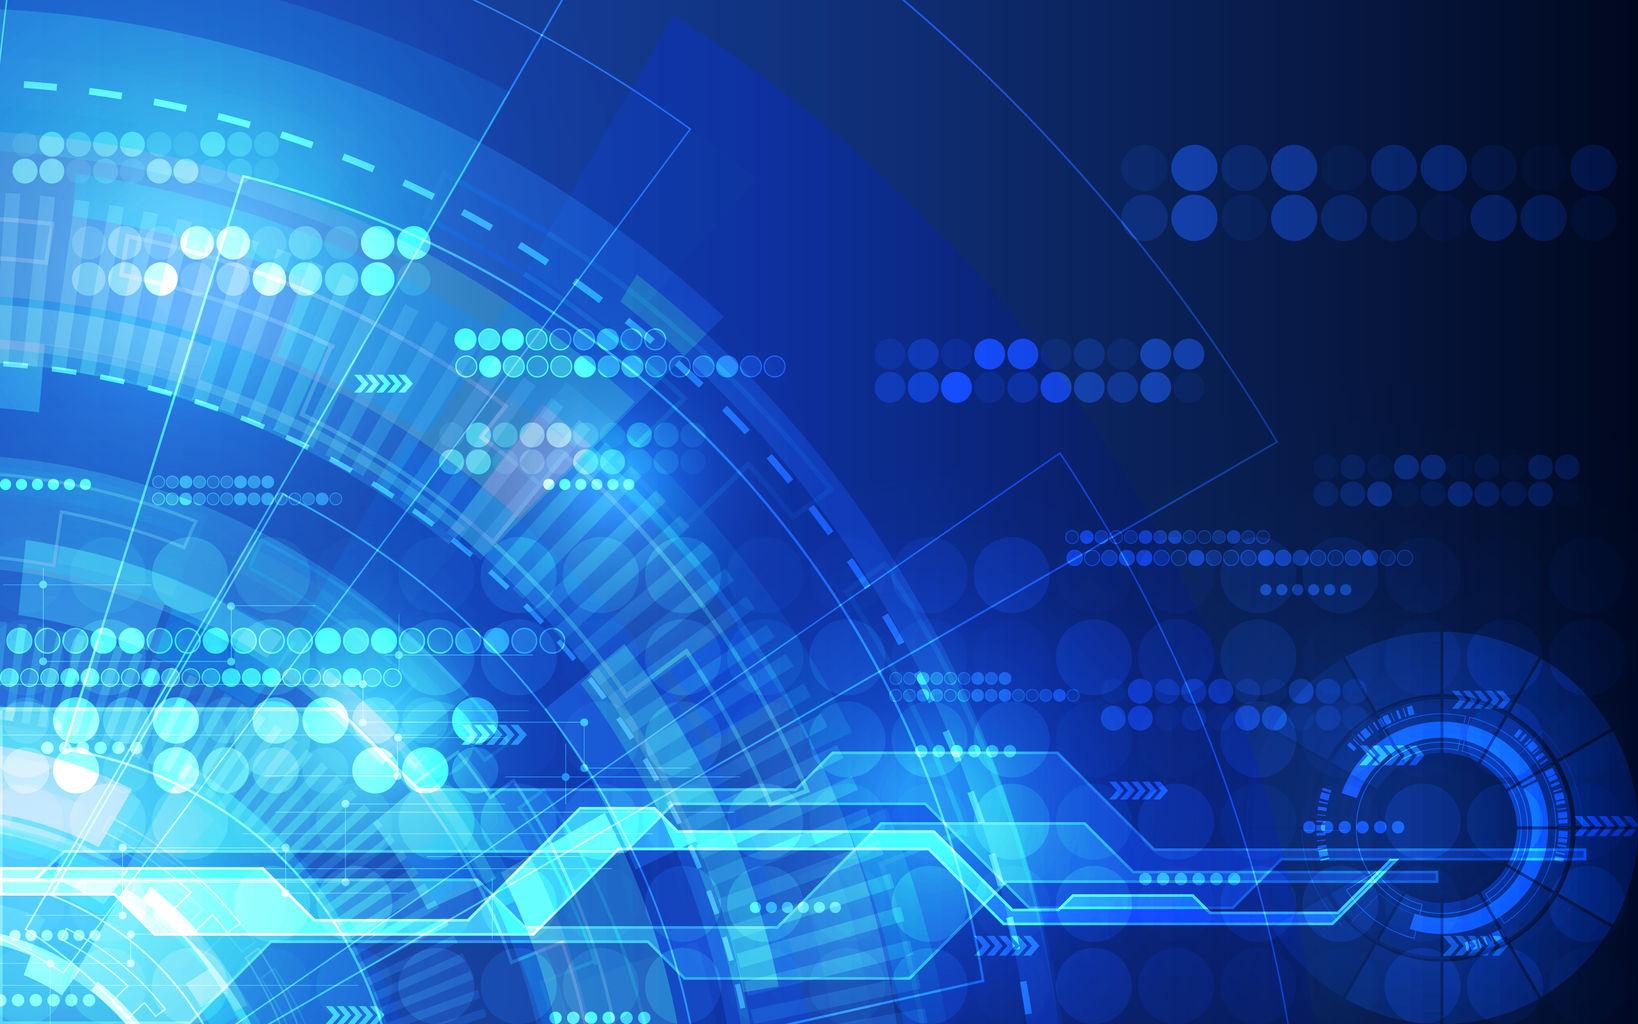 行情火爆考验券商交易系统 监管加大技术管理力度